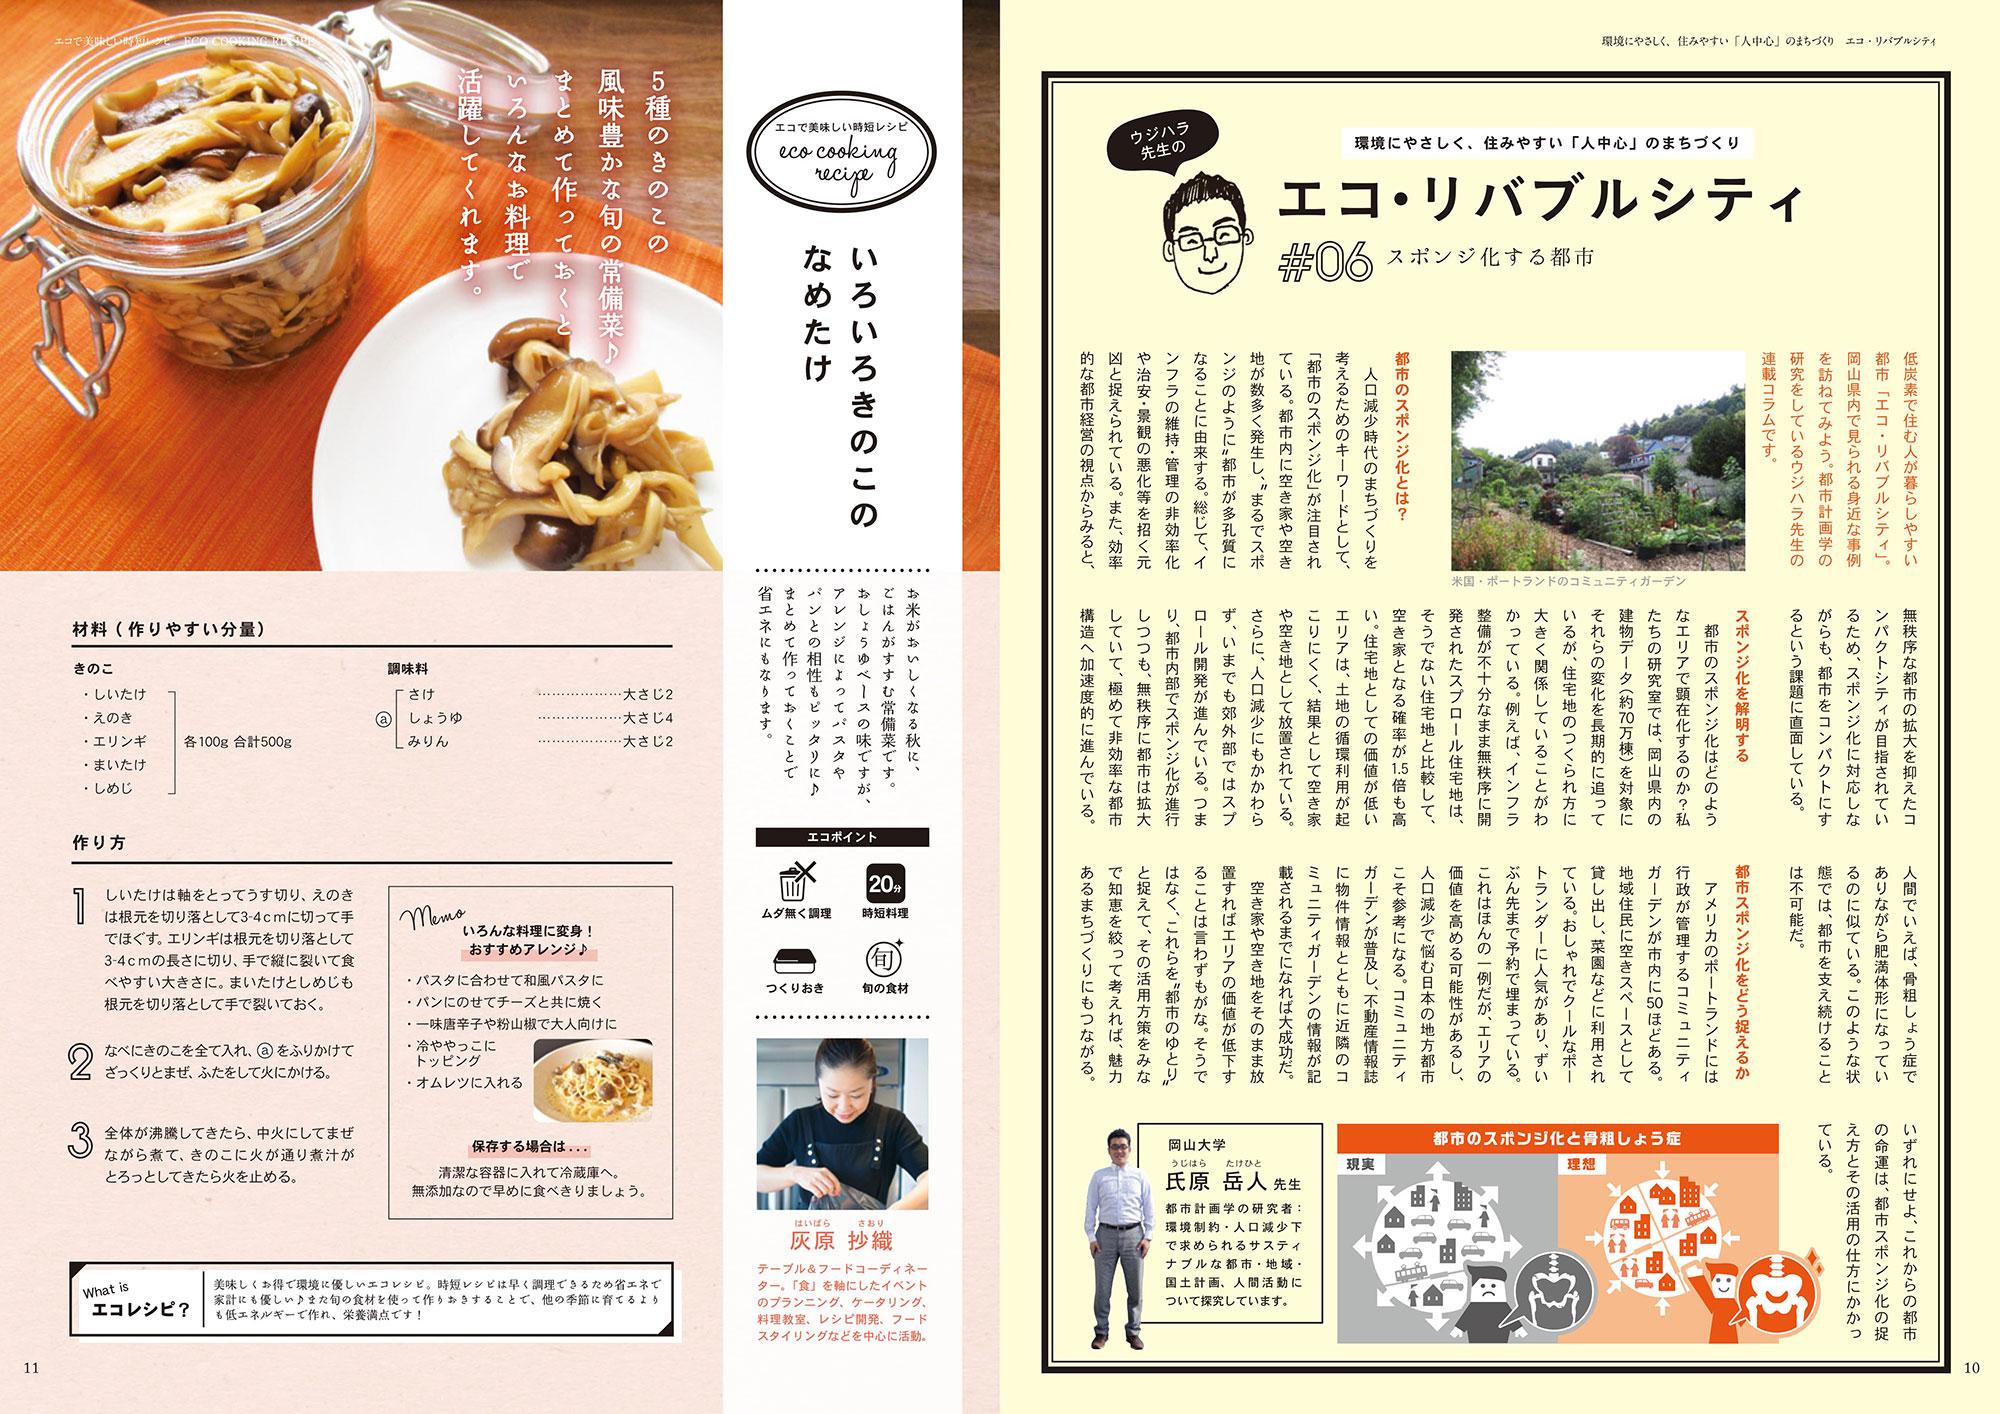 みんなではじめる岡山のエコマガジン「環境」